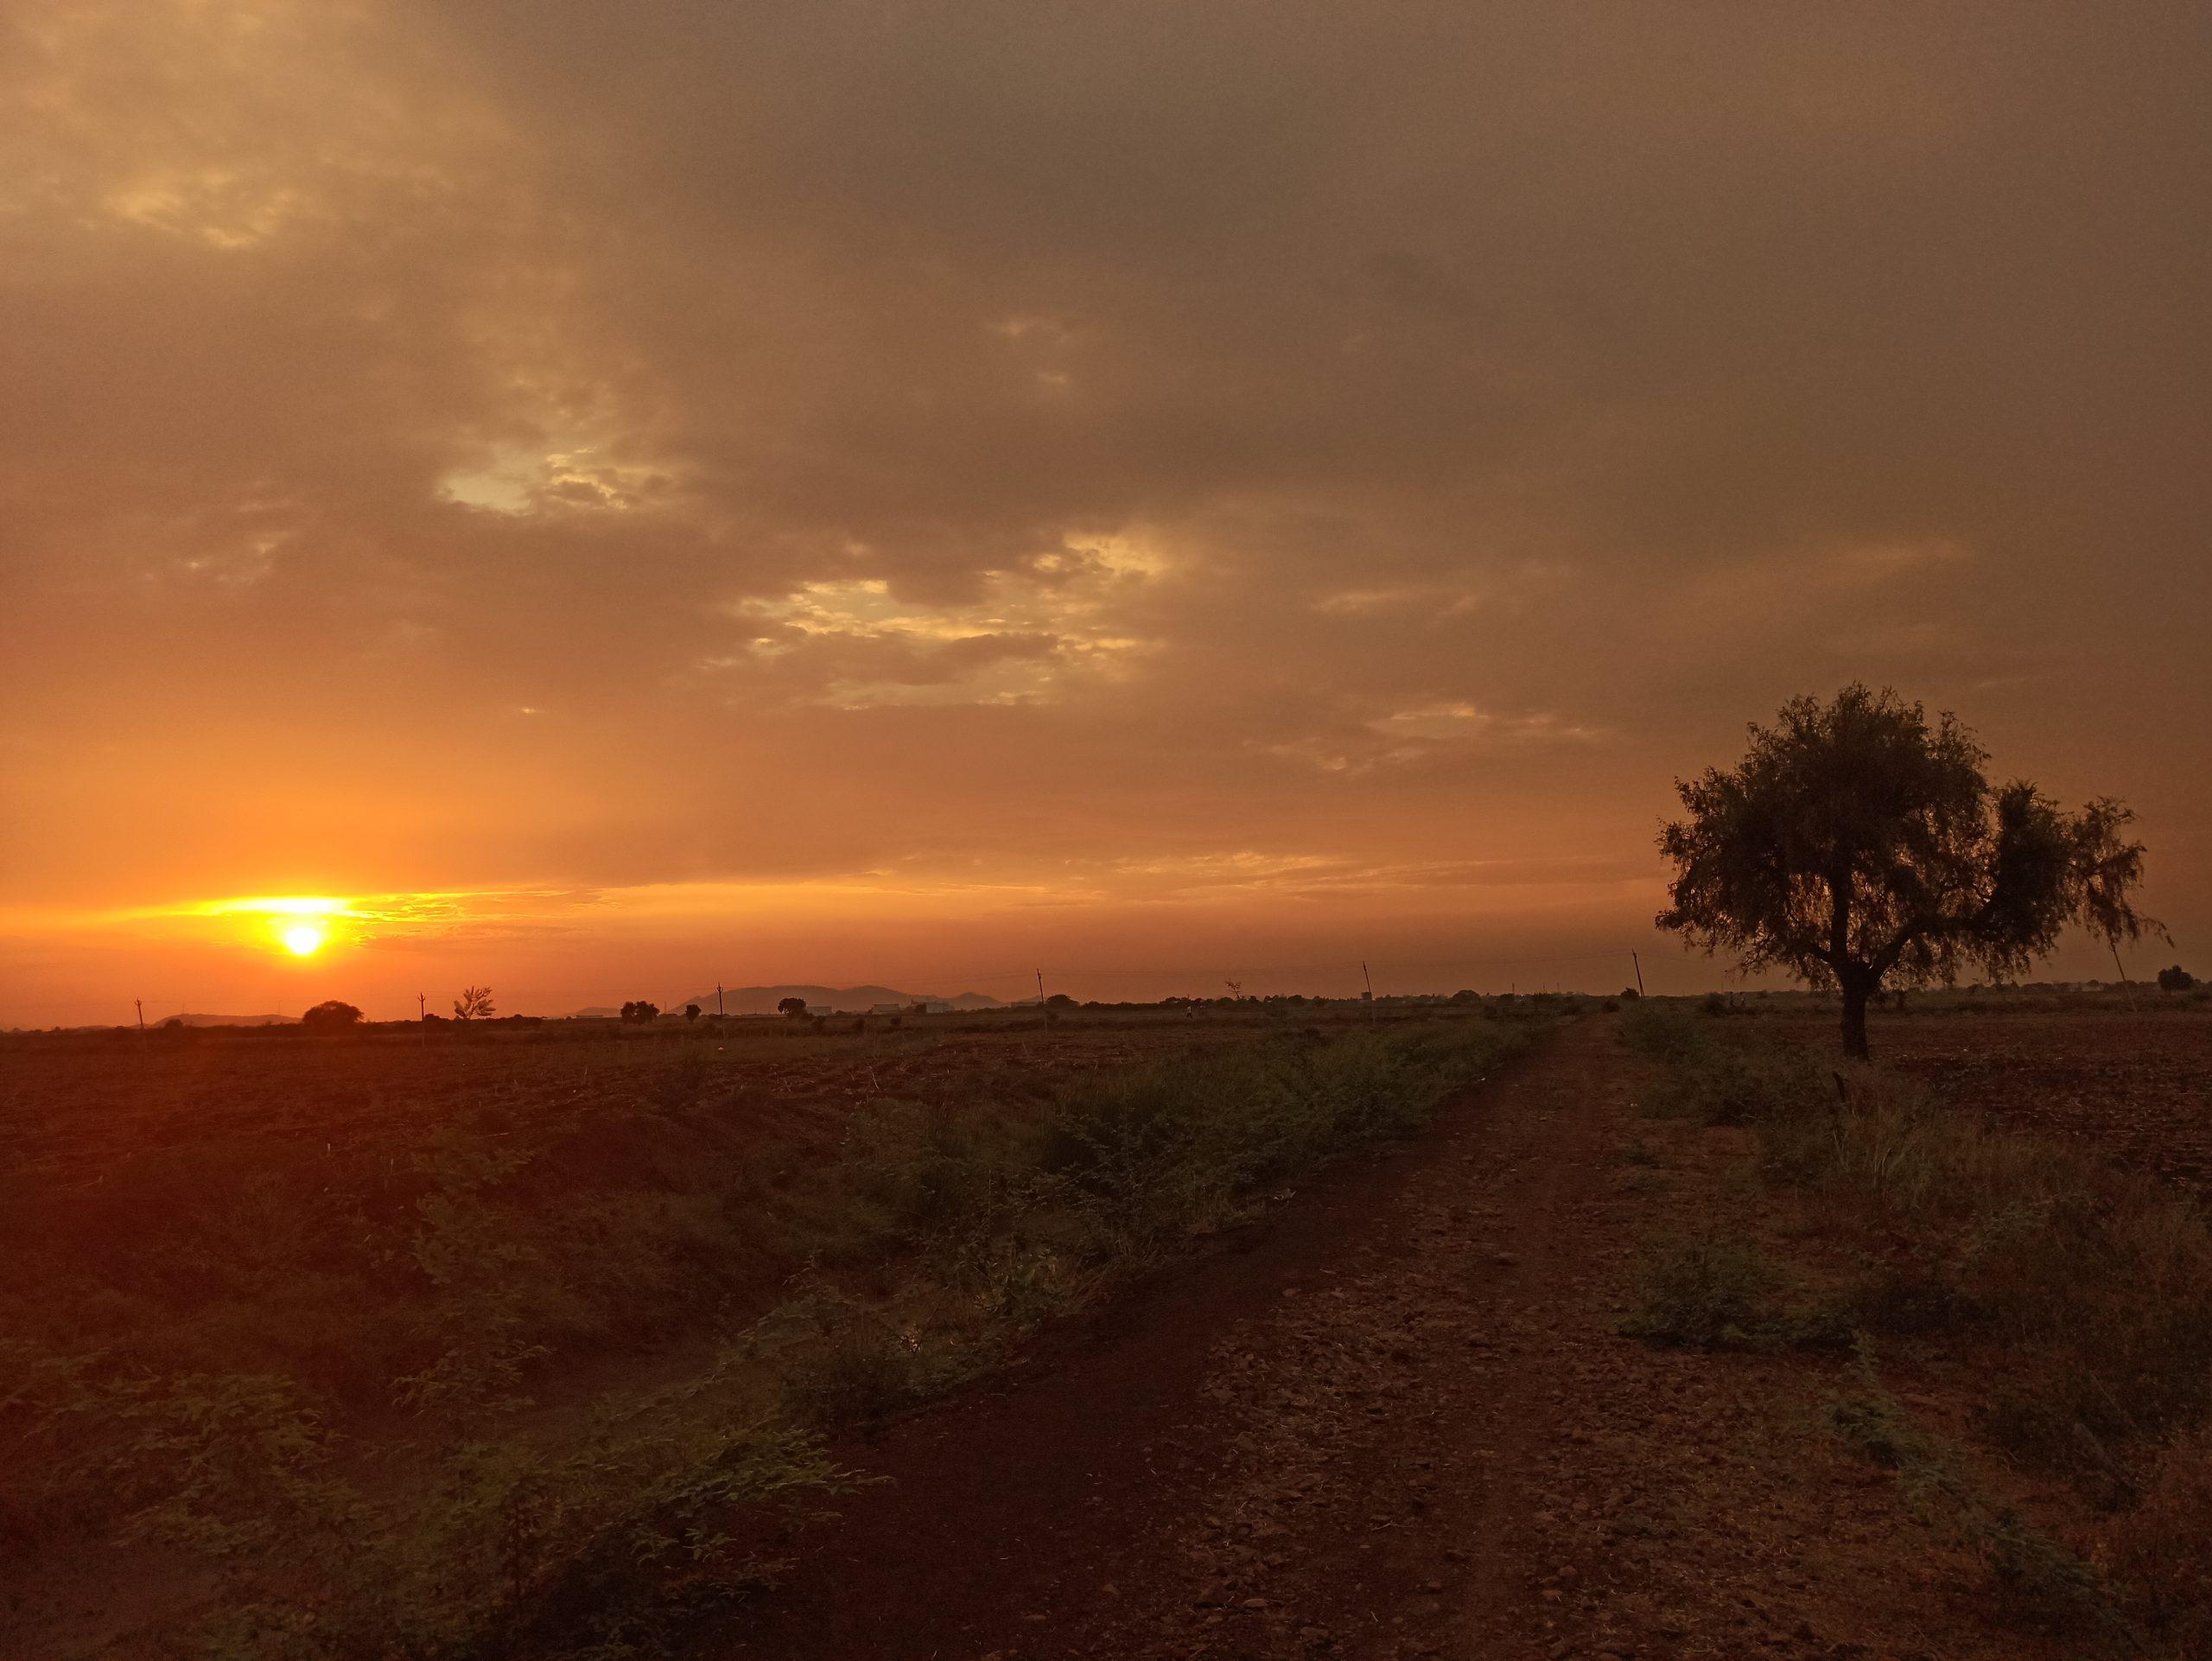 Sunset through fields